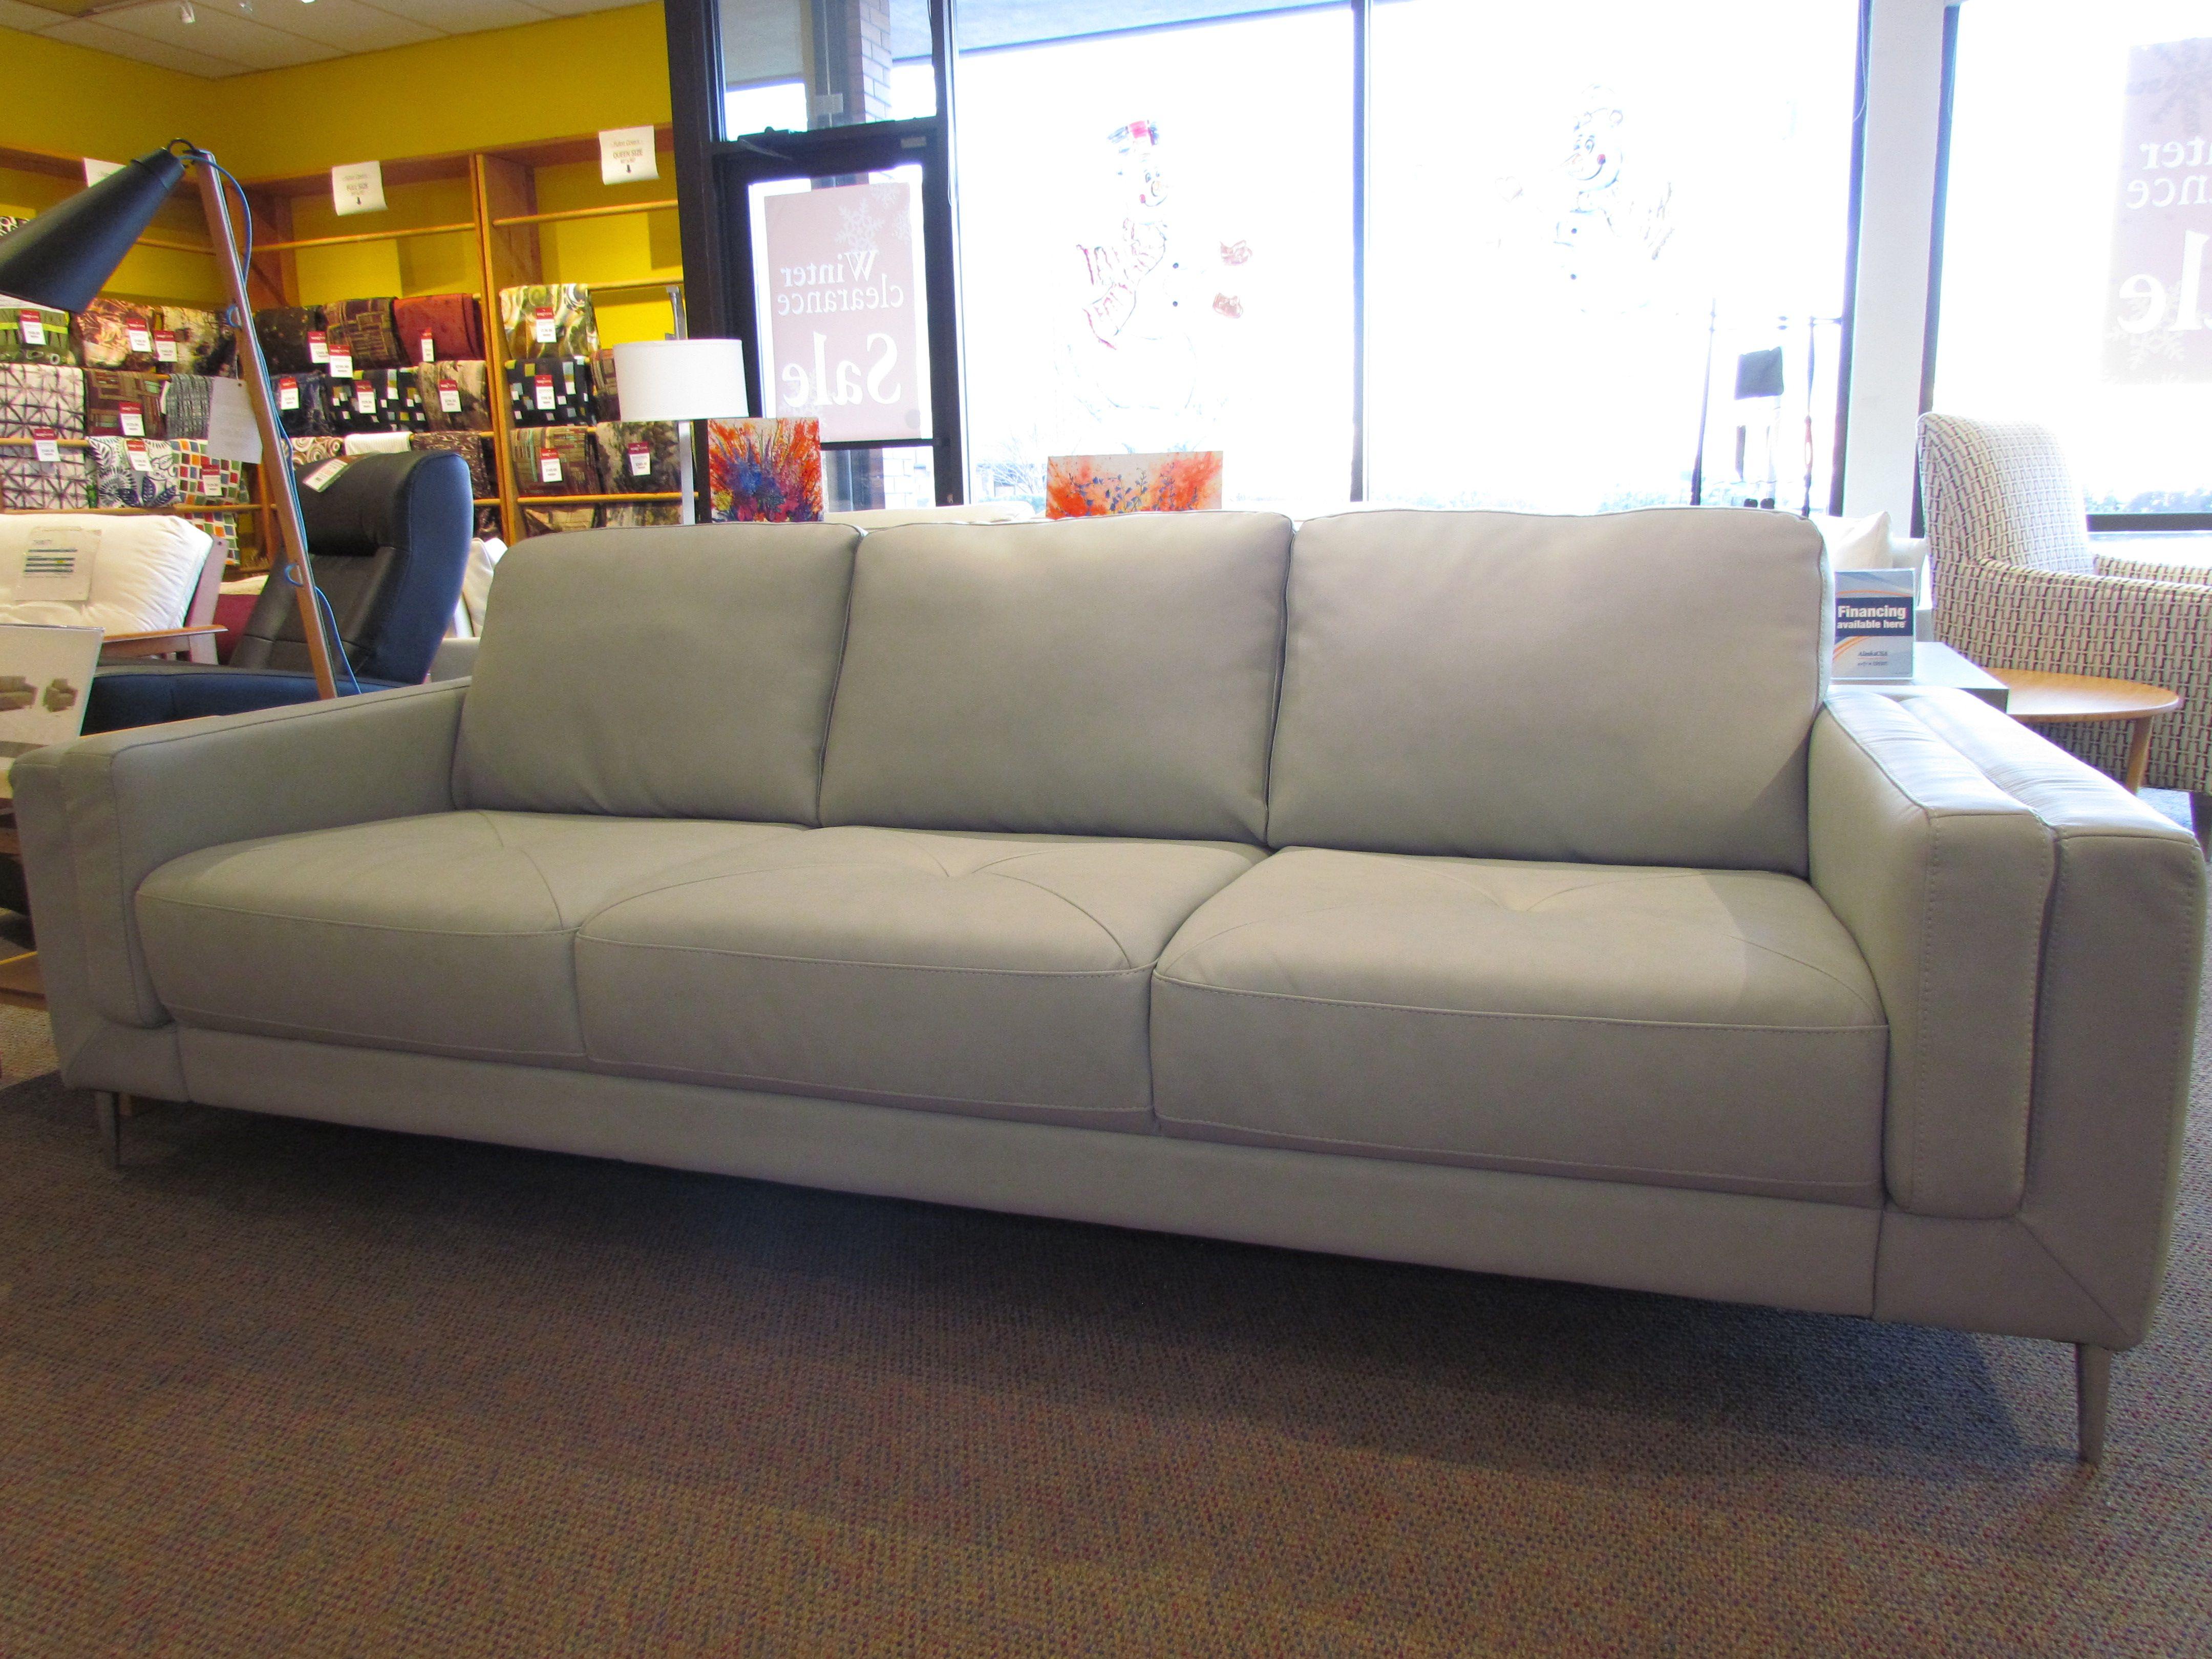 Zuri Sofa By Palliser In Dax Ash